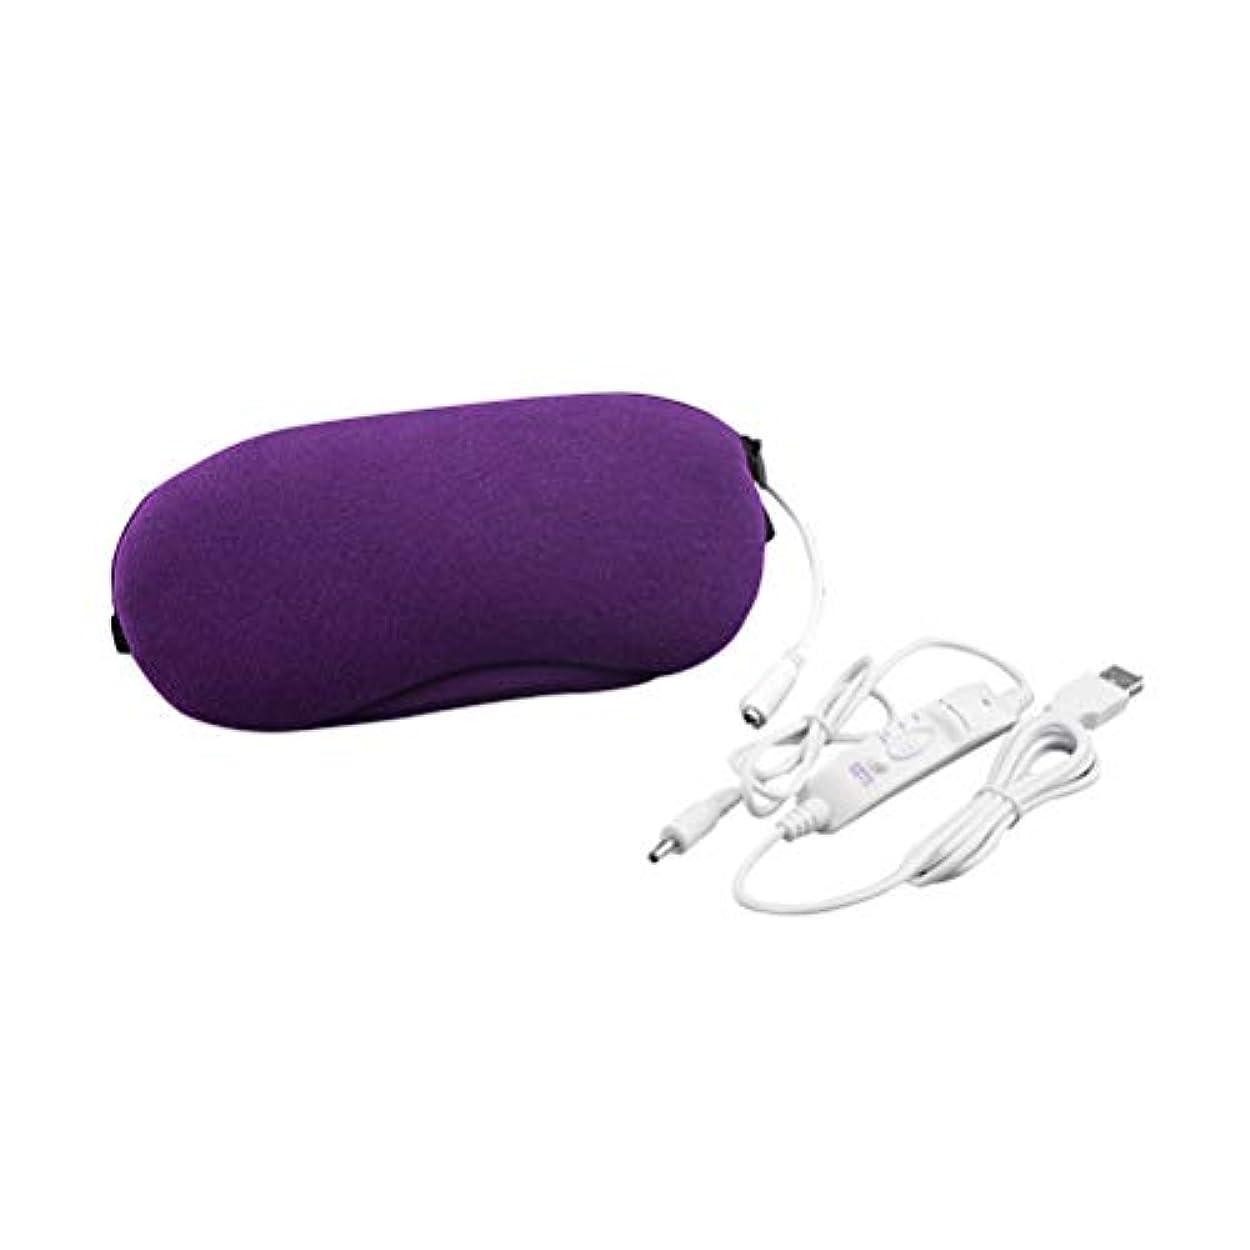 曇ったヒューズバラバラにするHealifty アイマスク 蒸気ホットアイマスク USB 加熱式 スリーピングアイマスク 温度とタイミング制御 吹き出物/乾燥/疲れた目(紫)